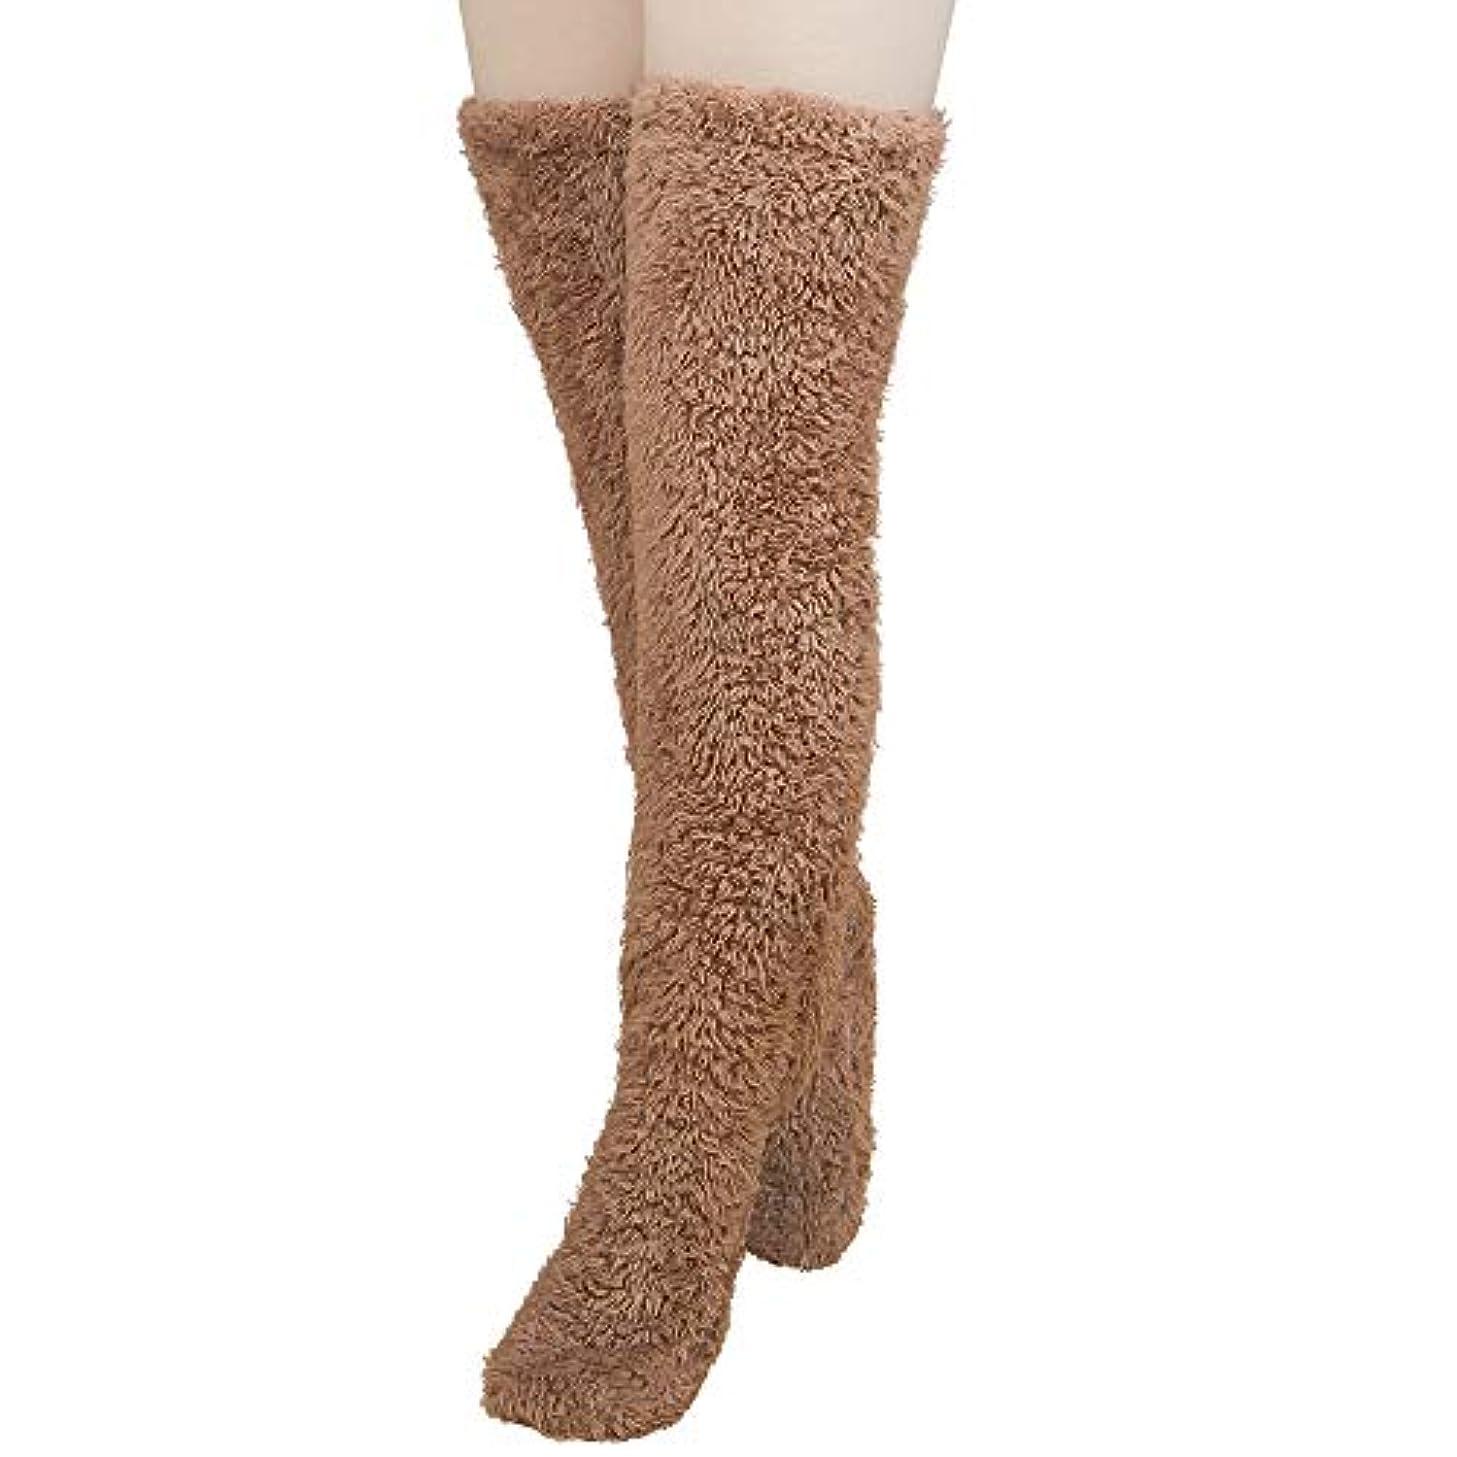 お風呂を持っているマキシム良いMiuko 足が出せるロングカバー 極暖 レッグウォーマー ふわふわ靴下 ロングソックス 冷えとり靴下 毛布ソックス 冷え対策 防寒ソックス あったか 超厚手 男女兼用